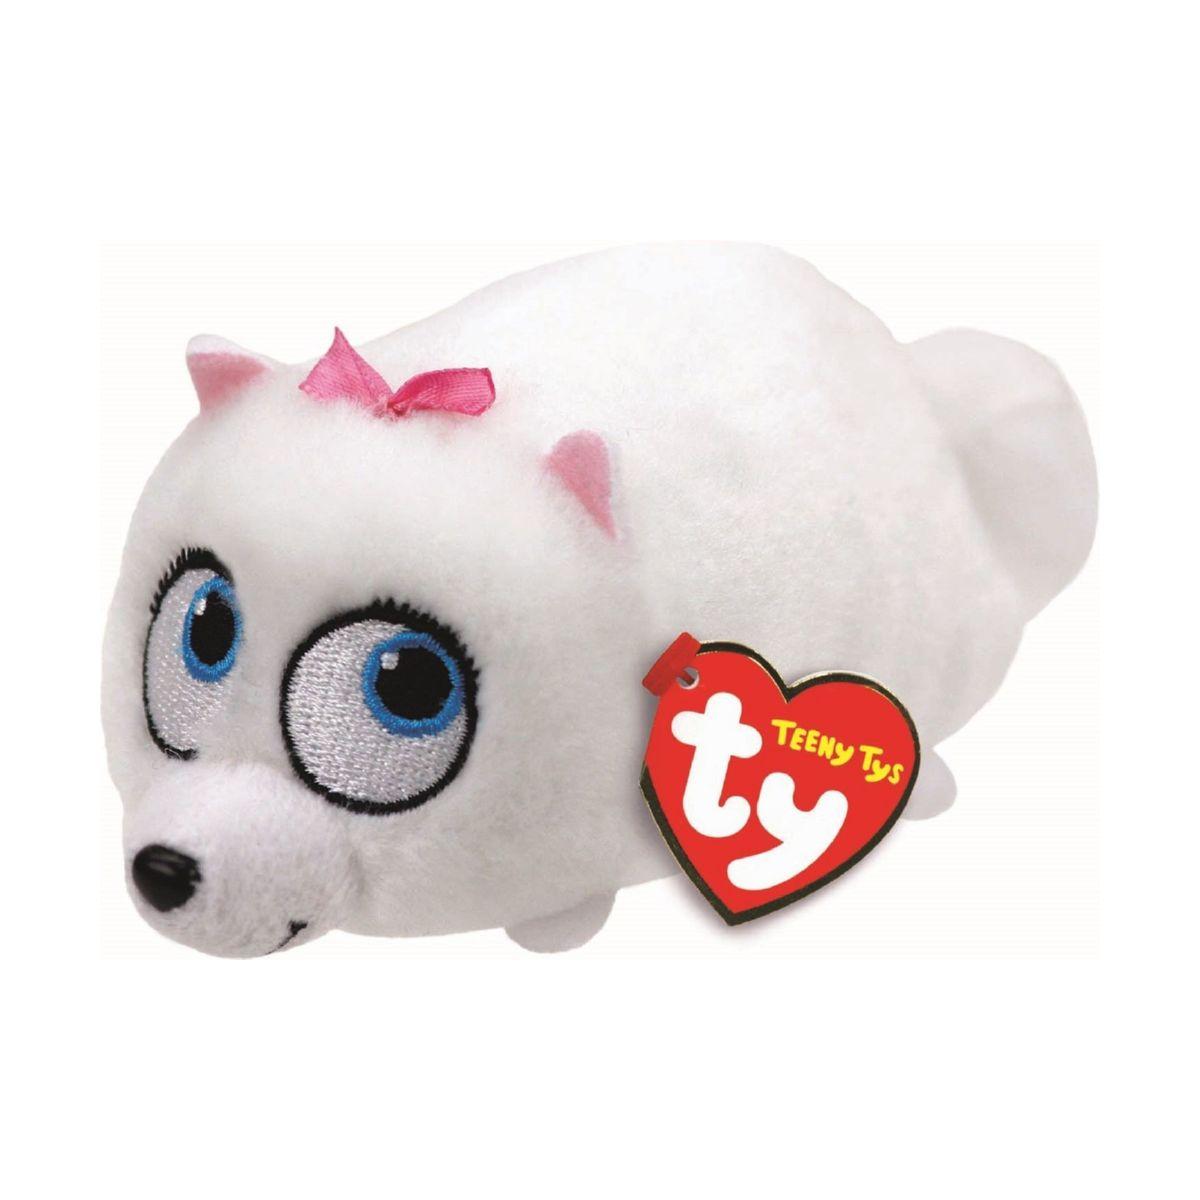 Мягкая игрушка - собачка Гиджет из серии Тайная жизнь домашних животныхСобаки<br>Мягкая игрушка - собачка Гиджет из серии Тайная жизнь домашних животных<br>